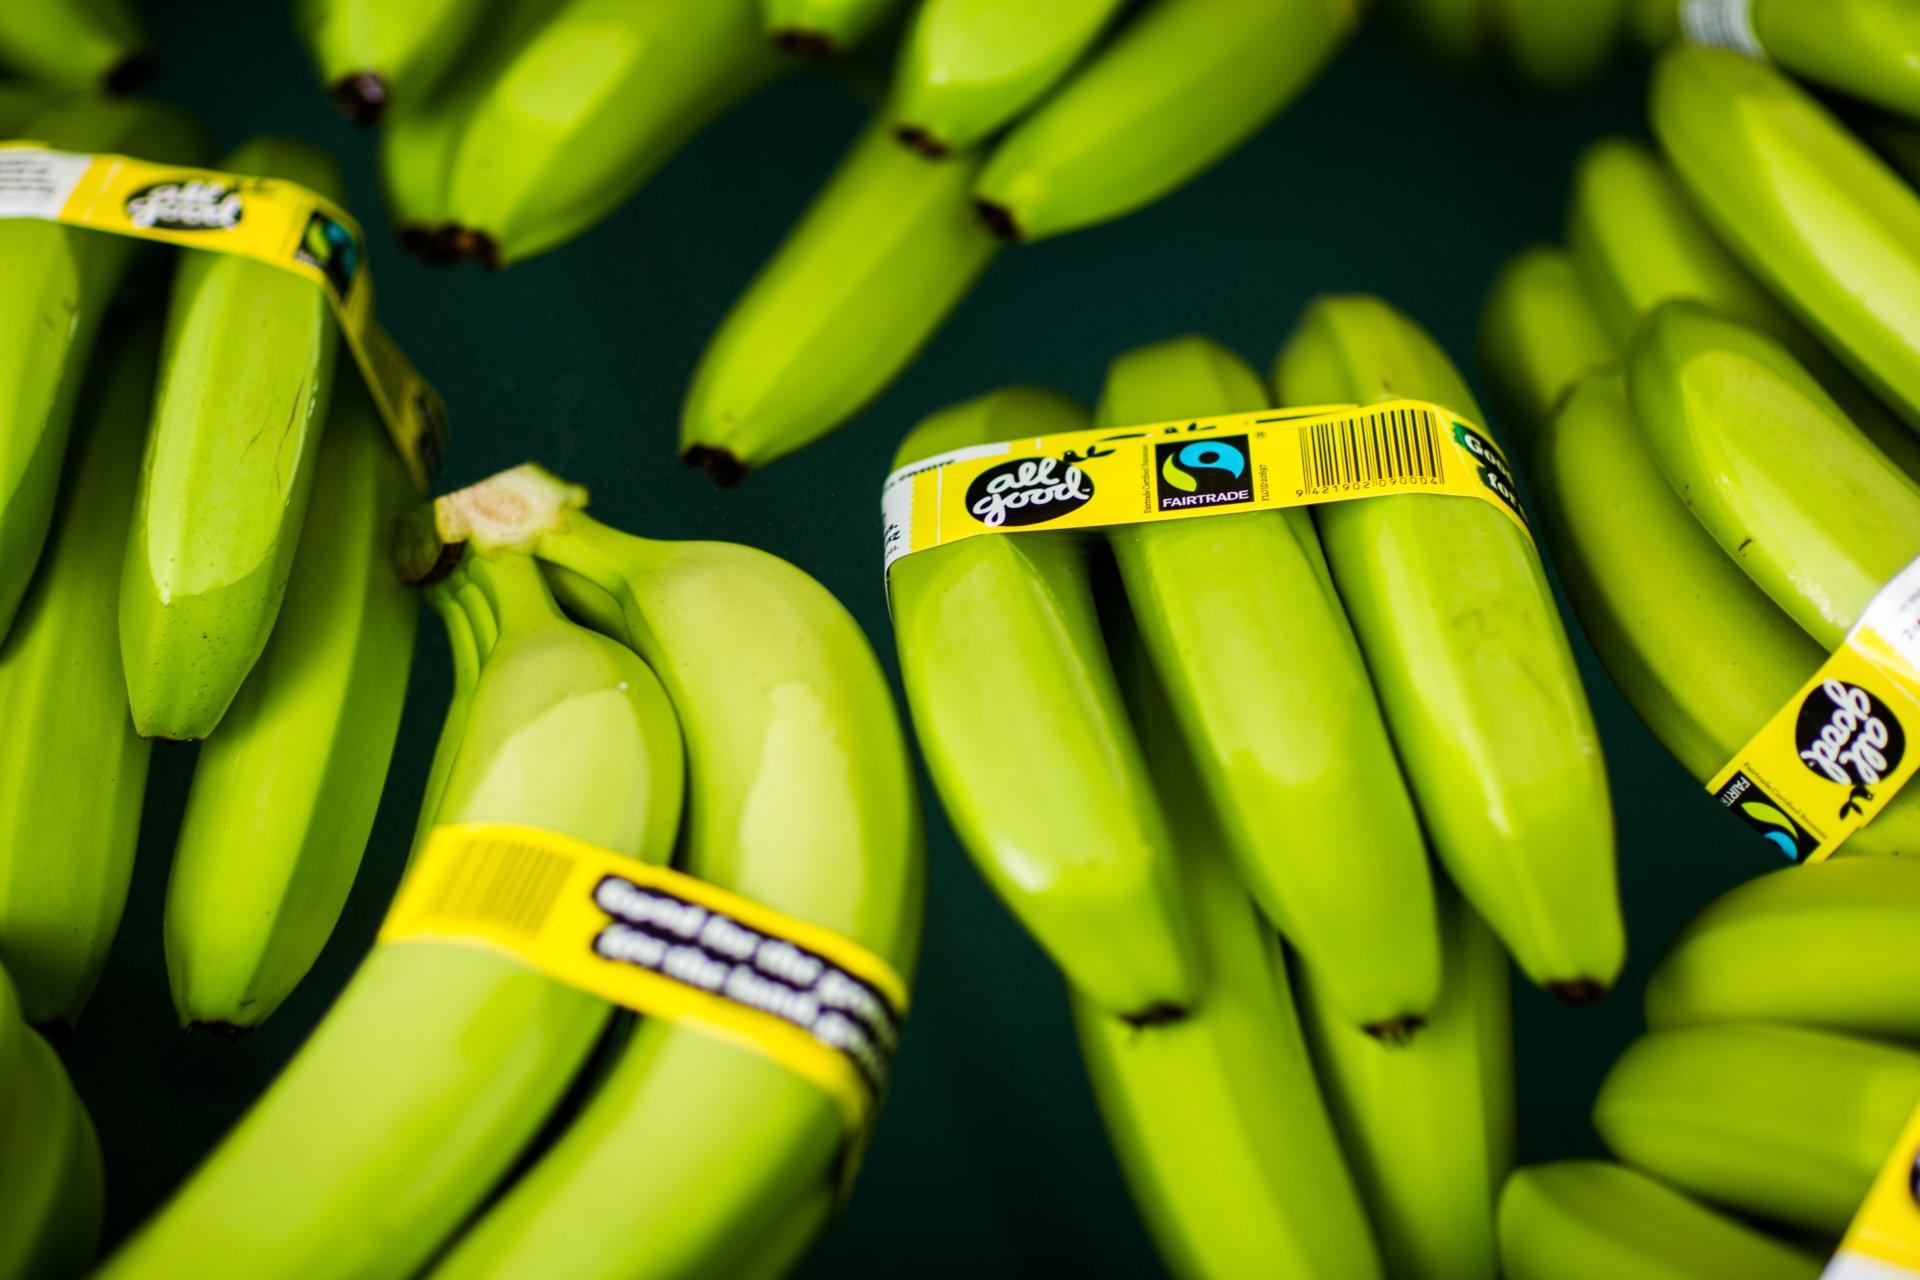 Len pár centov naviac môže zmeniť pestovateľovi banánov život. Prečítajte si, ako funguje systém Fair Trade